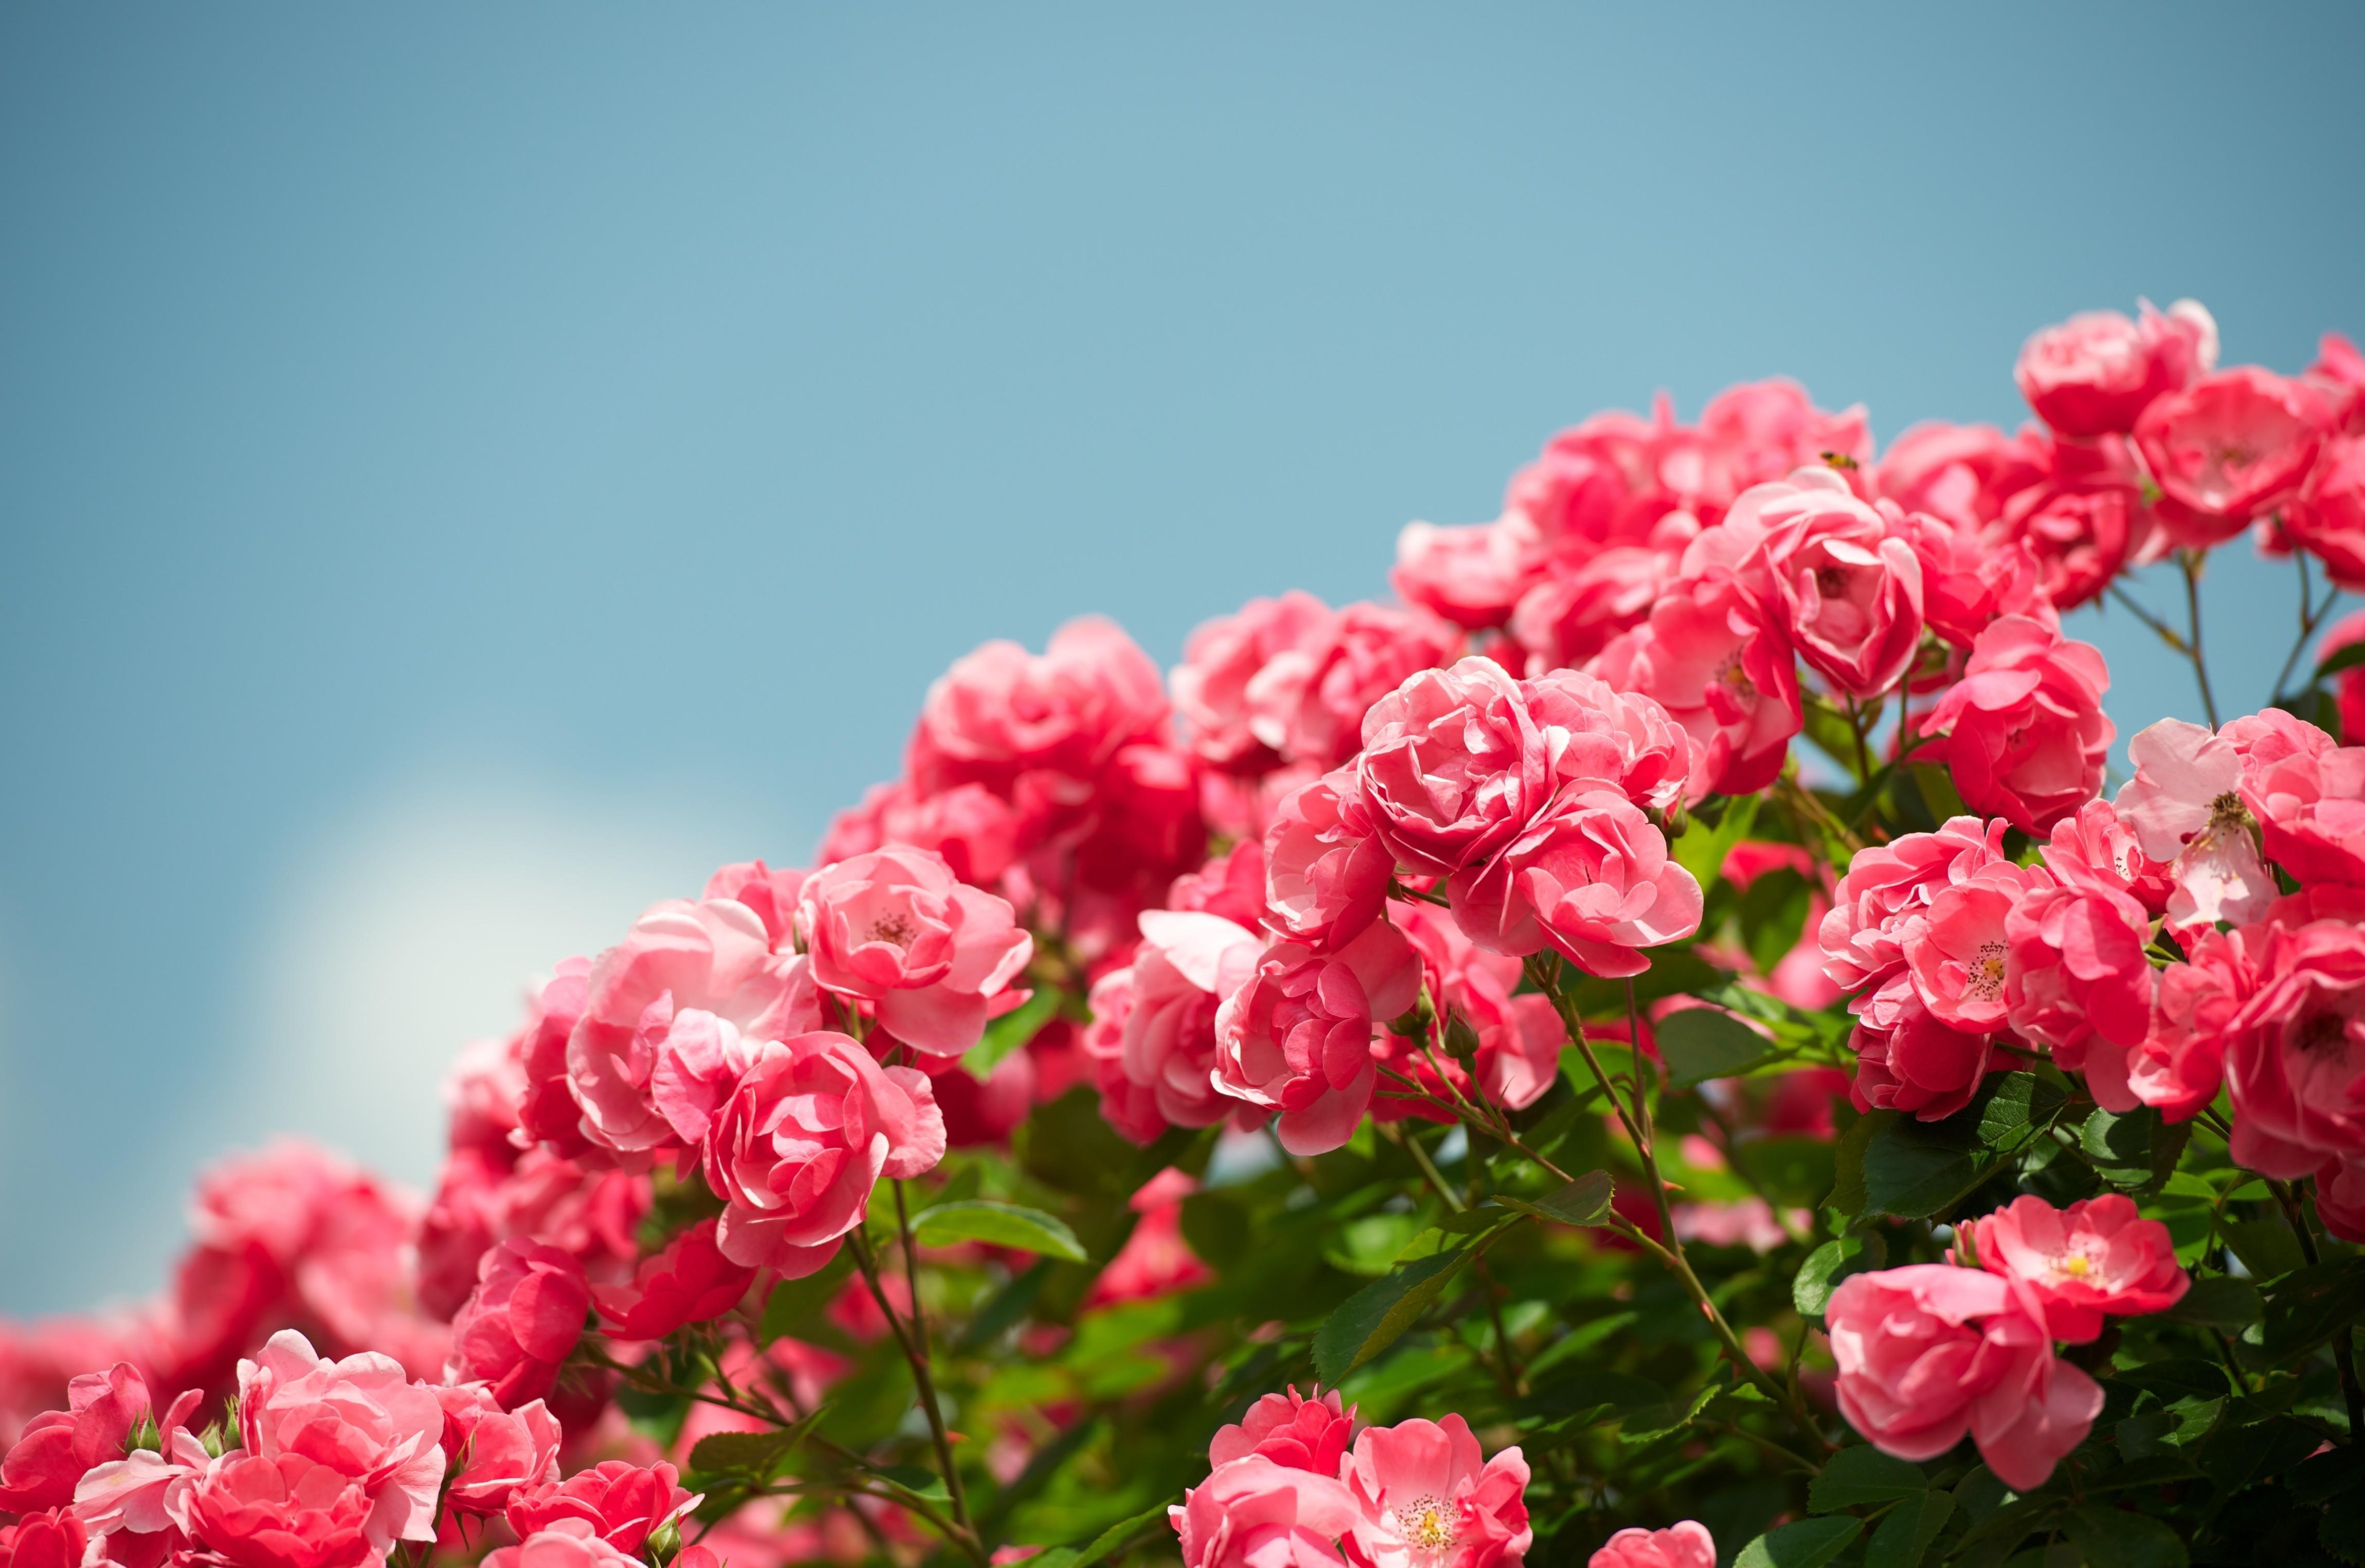 93489 Hintergrundbild herunterladen Blumen, Sky, Roses, Bush, Busch, Hübsch, Es Ist Wunderschön, Schärfe - Bildschirmschoner und Bilder kostenlos